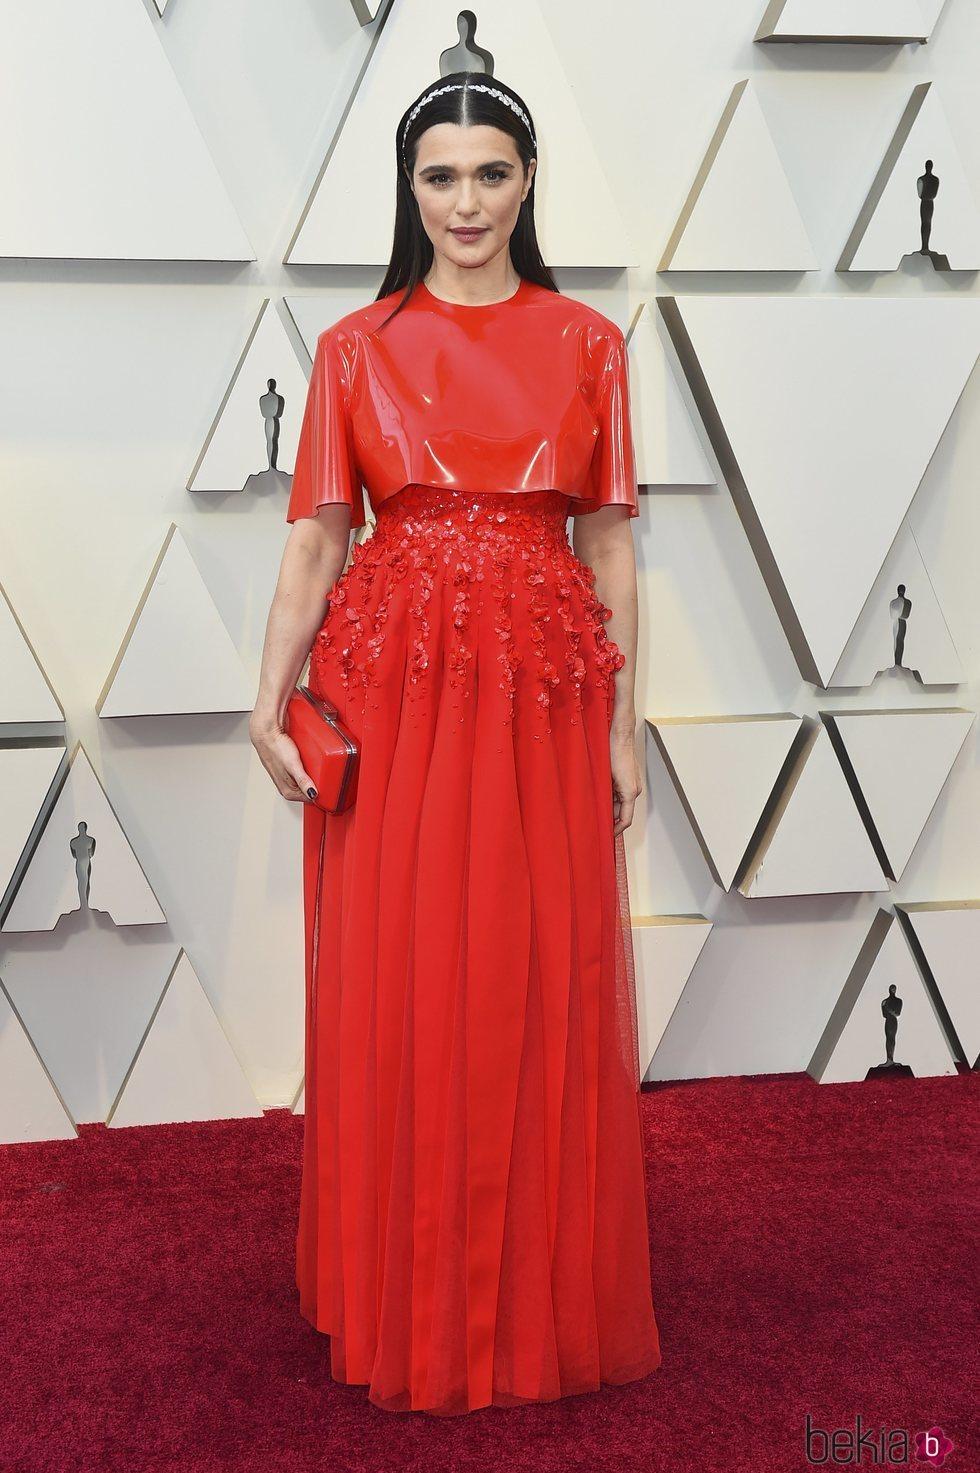 140196 rachel weisz alfombra roja premios oscar 2019 - Nuestros favoritos y no tan favoritos de la red carpet en los Oscar 2019